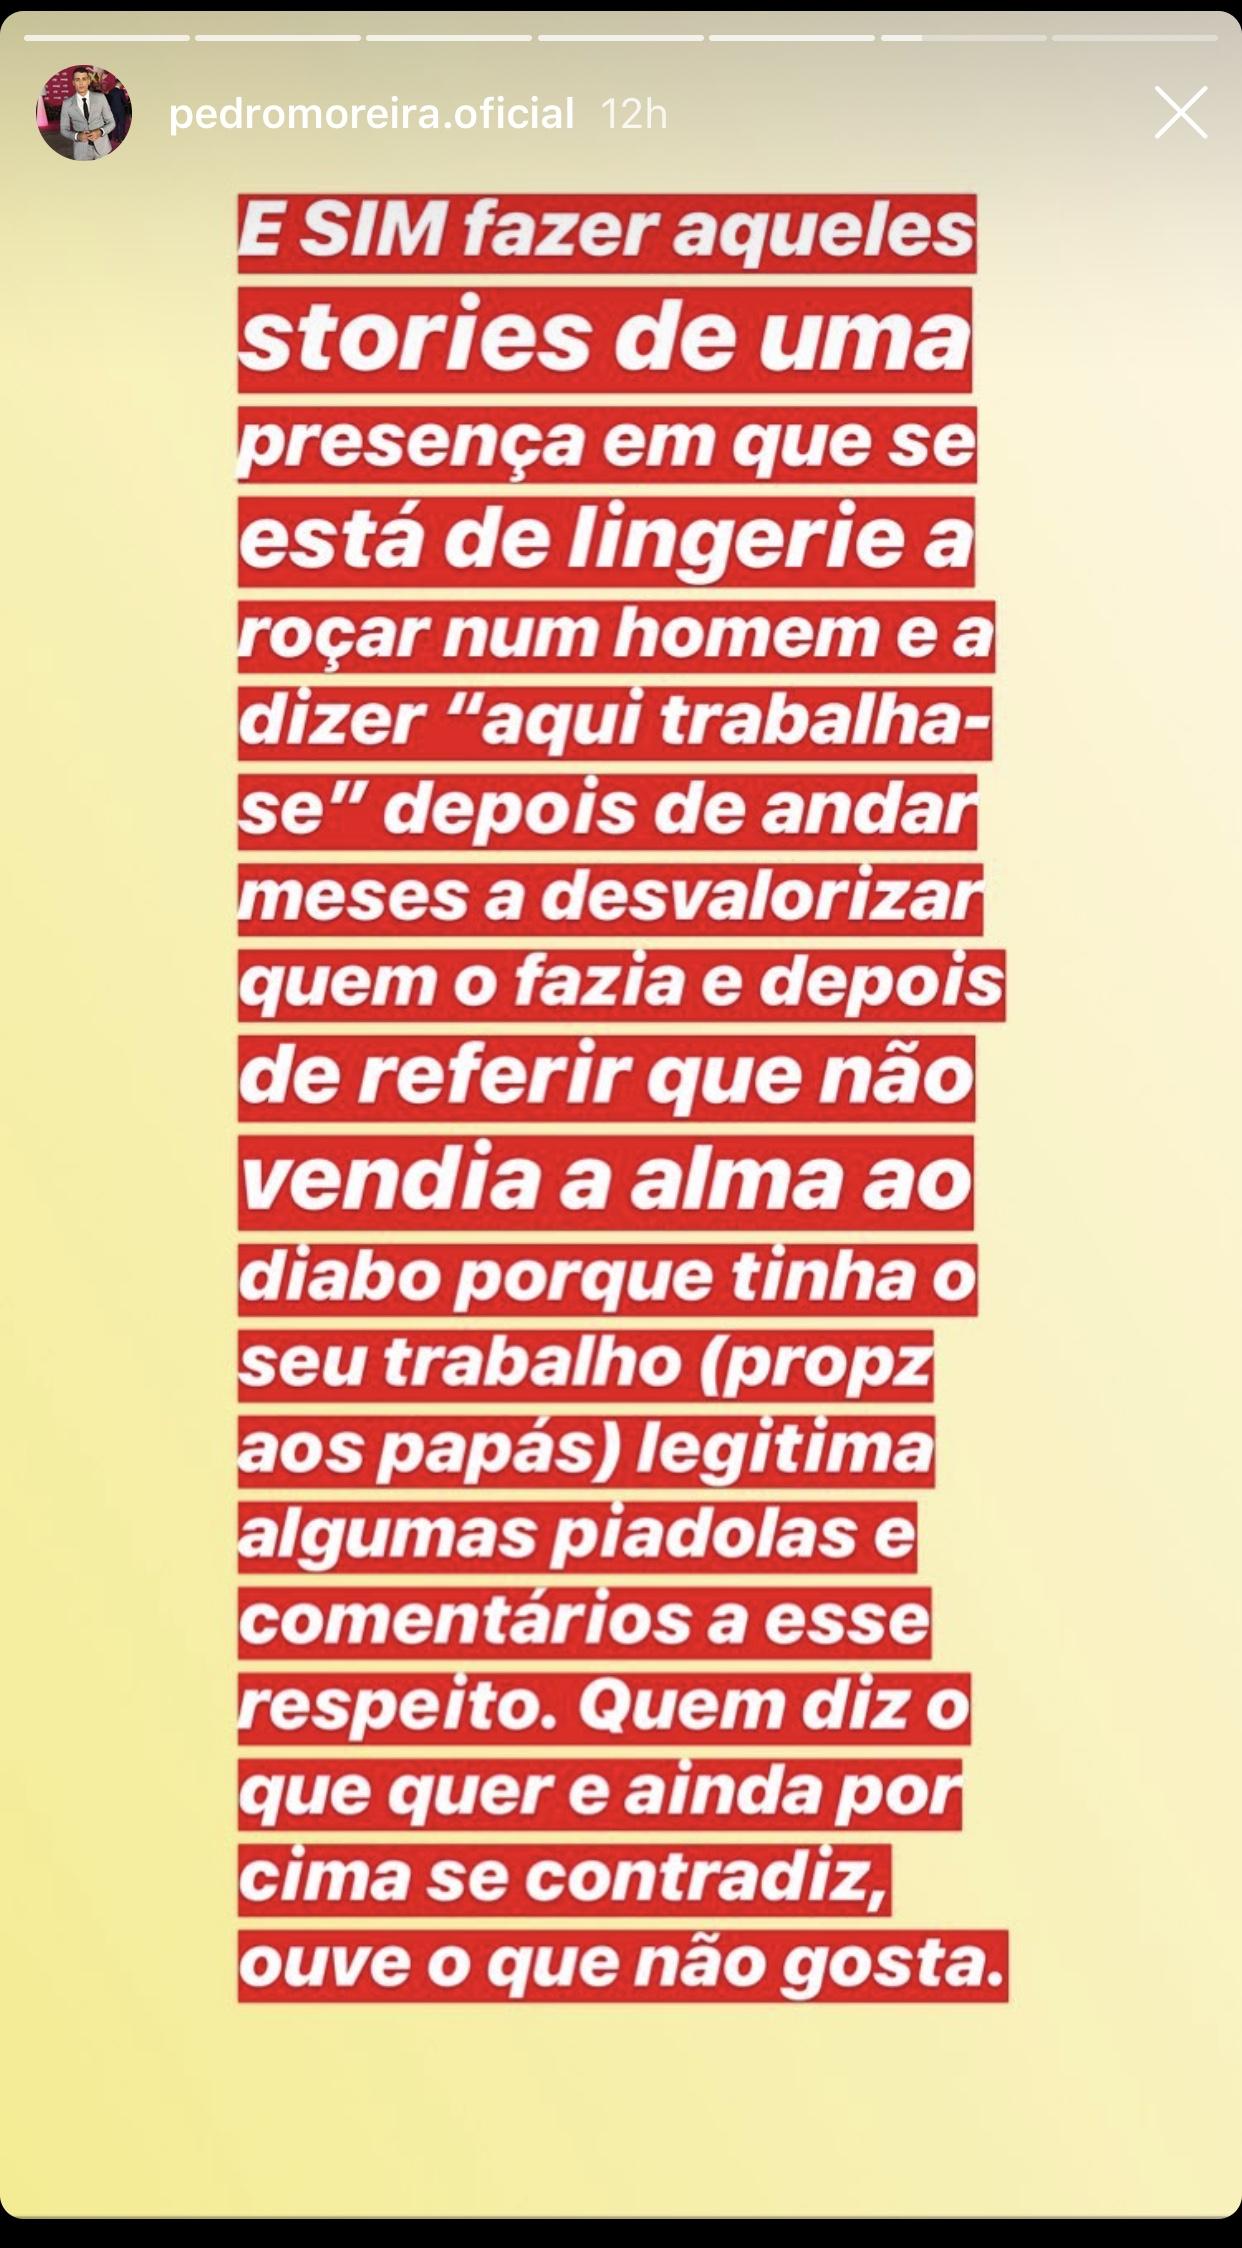 Carina Ferreira Joao Pedro Moreira Casa Dos Segredos Insultos 3 Carina Ferreira E Pedro Moreira Trocam Várias Acusações